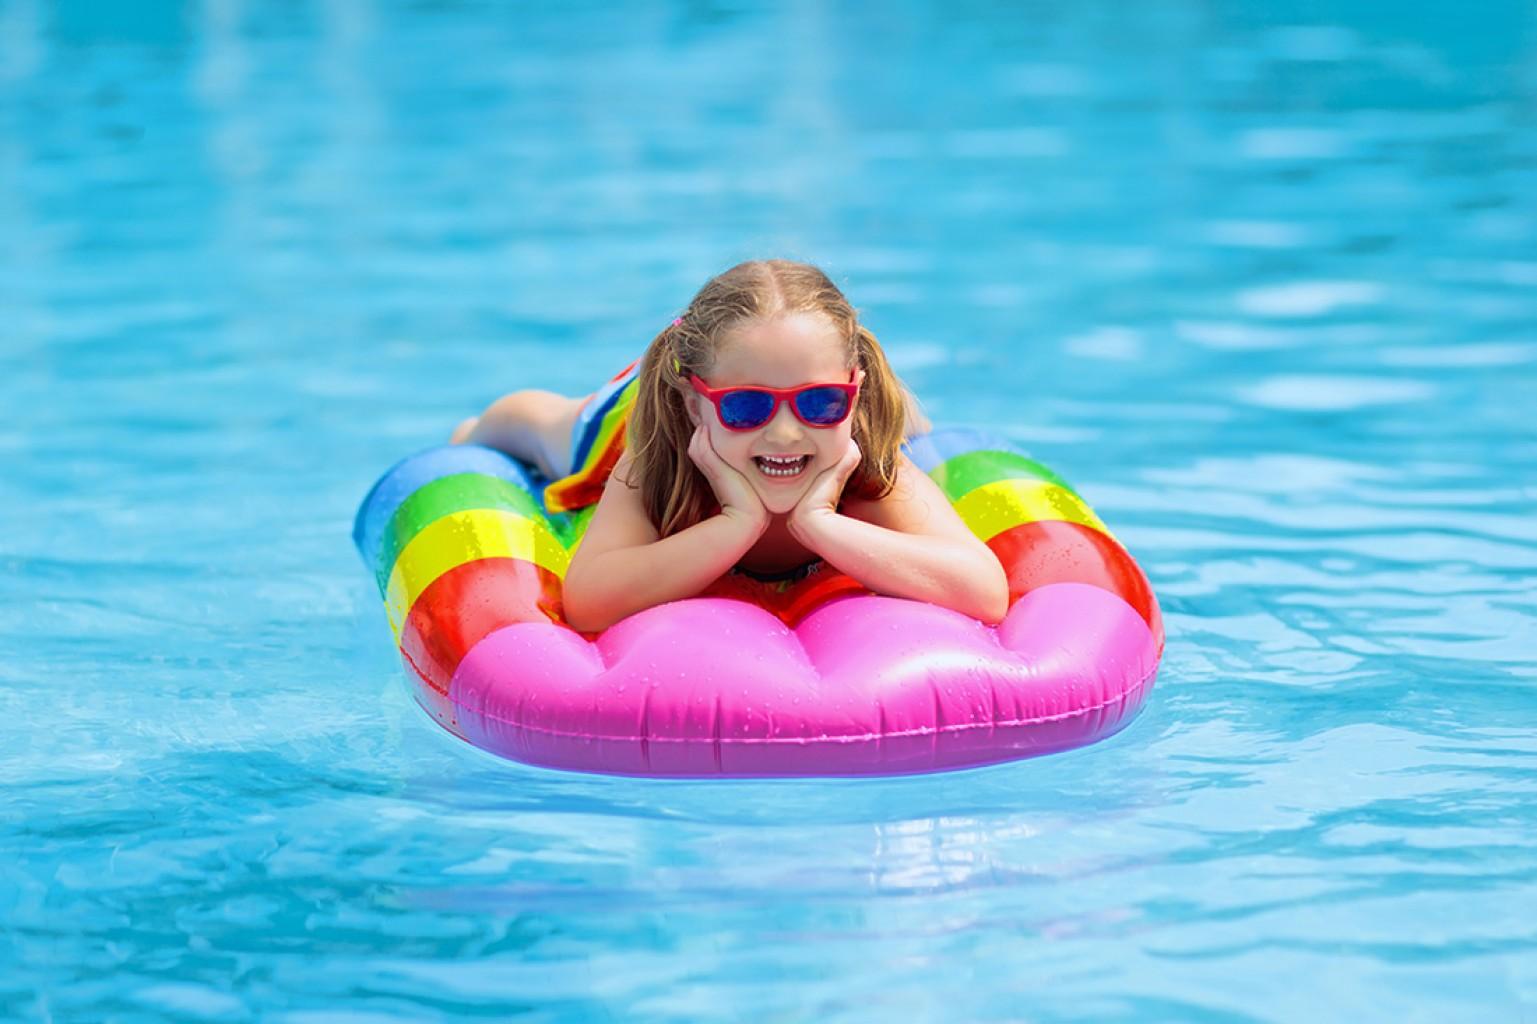 Consejos de seguridad para el verano: cómo mantenerse seguro al aire libre (Parte 2)